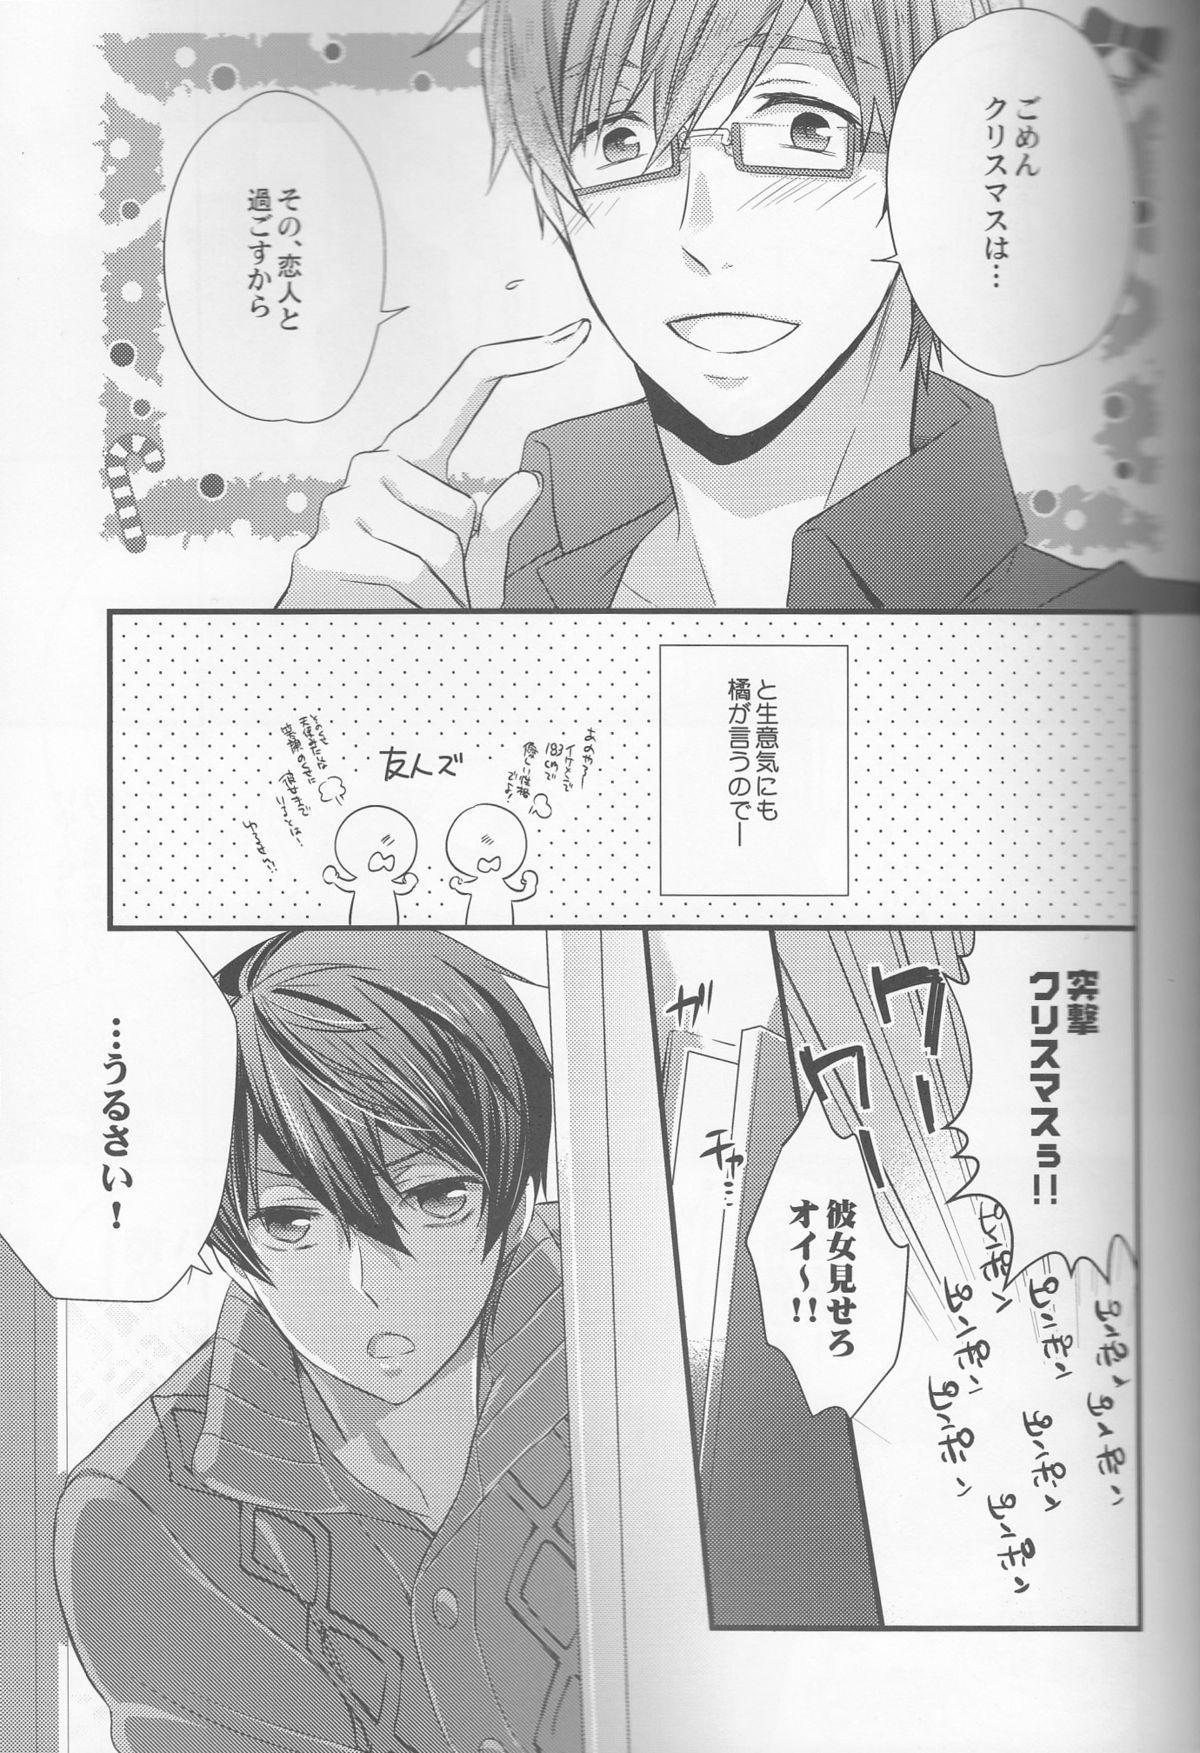 Hajimemashite Yome desu. 4